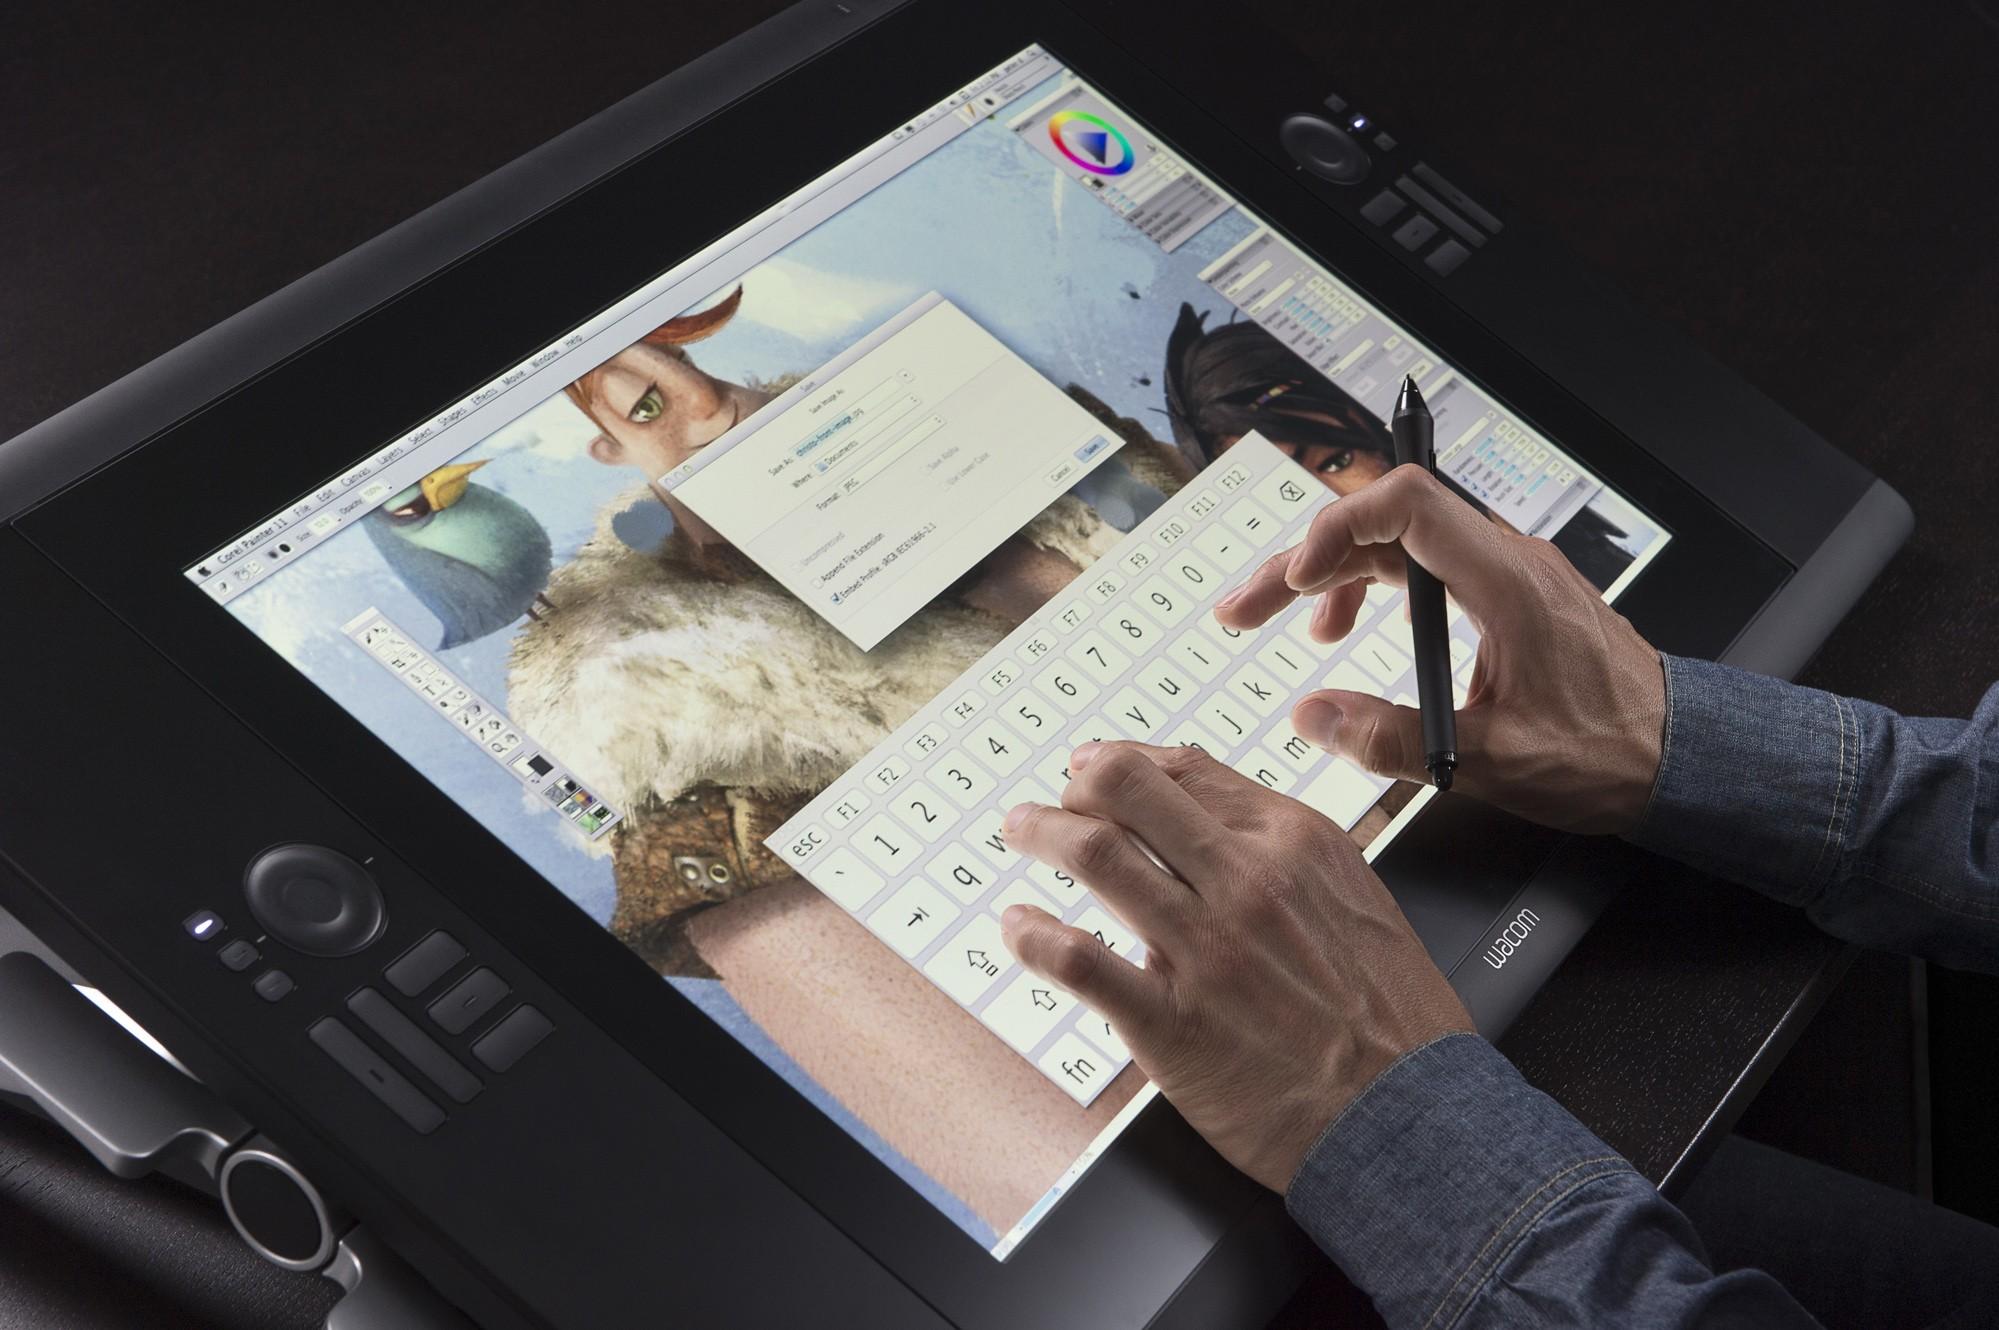 Компьютер для дизайнера 2017